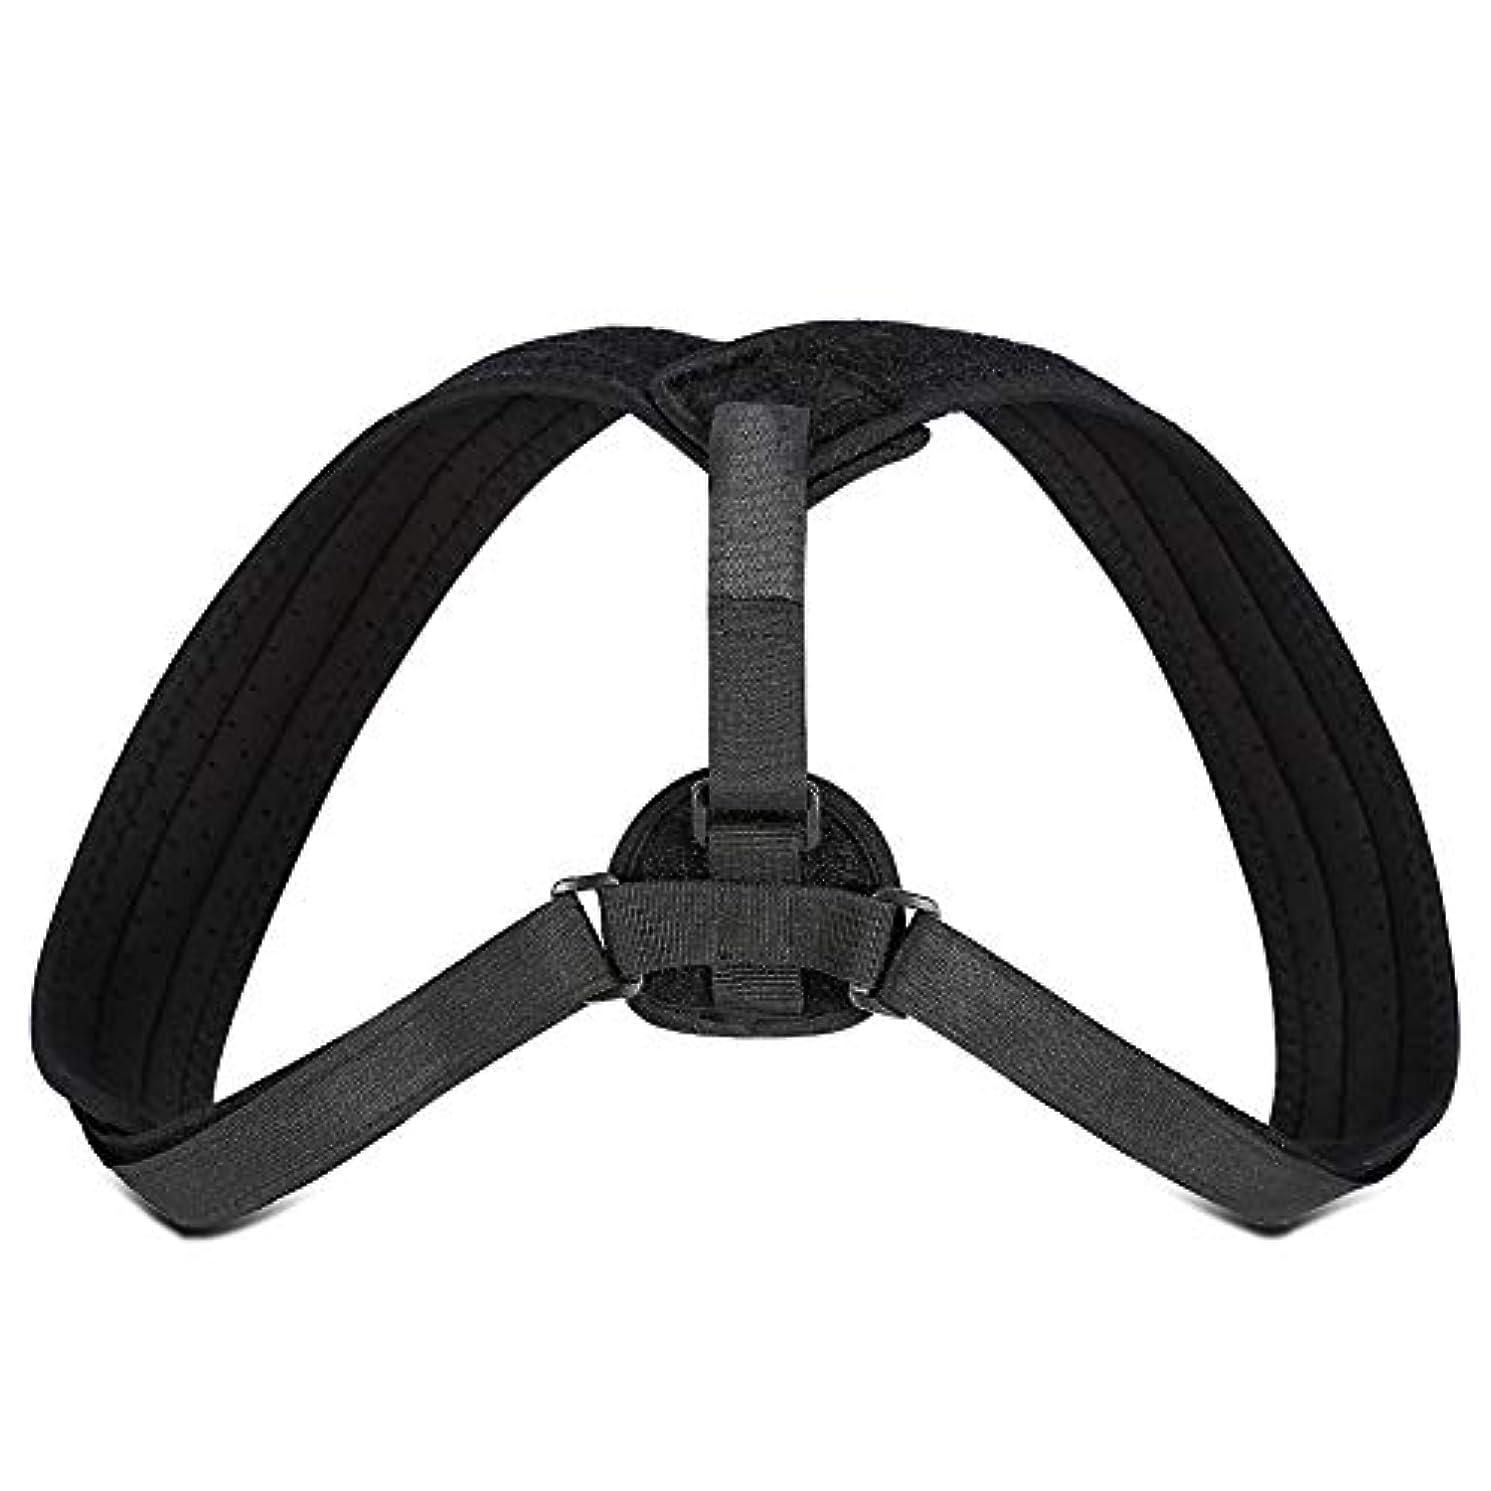 精通した賠償蒸留Yosoo Posture Corrector - ブレースアッパーバックネックショルダーサポートアジャスタブルストラップ、肩の体位補正、整形外科用こぶの緩和のための包帯矯正、ティーン用